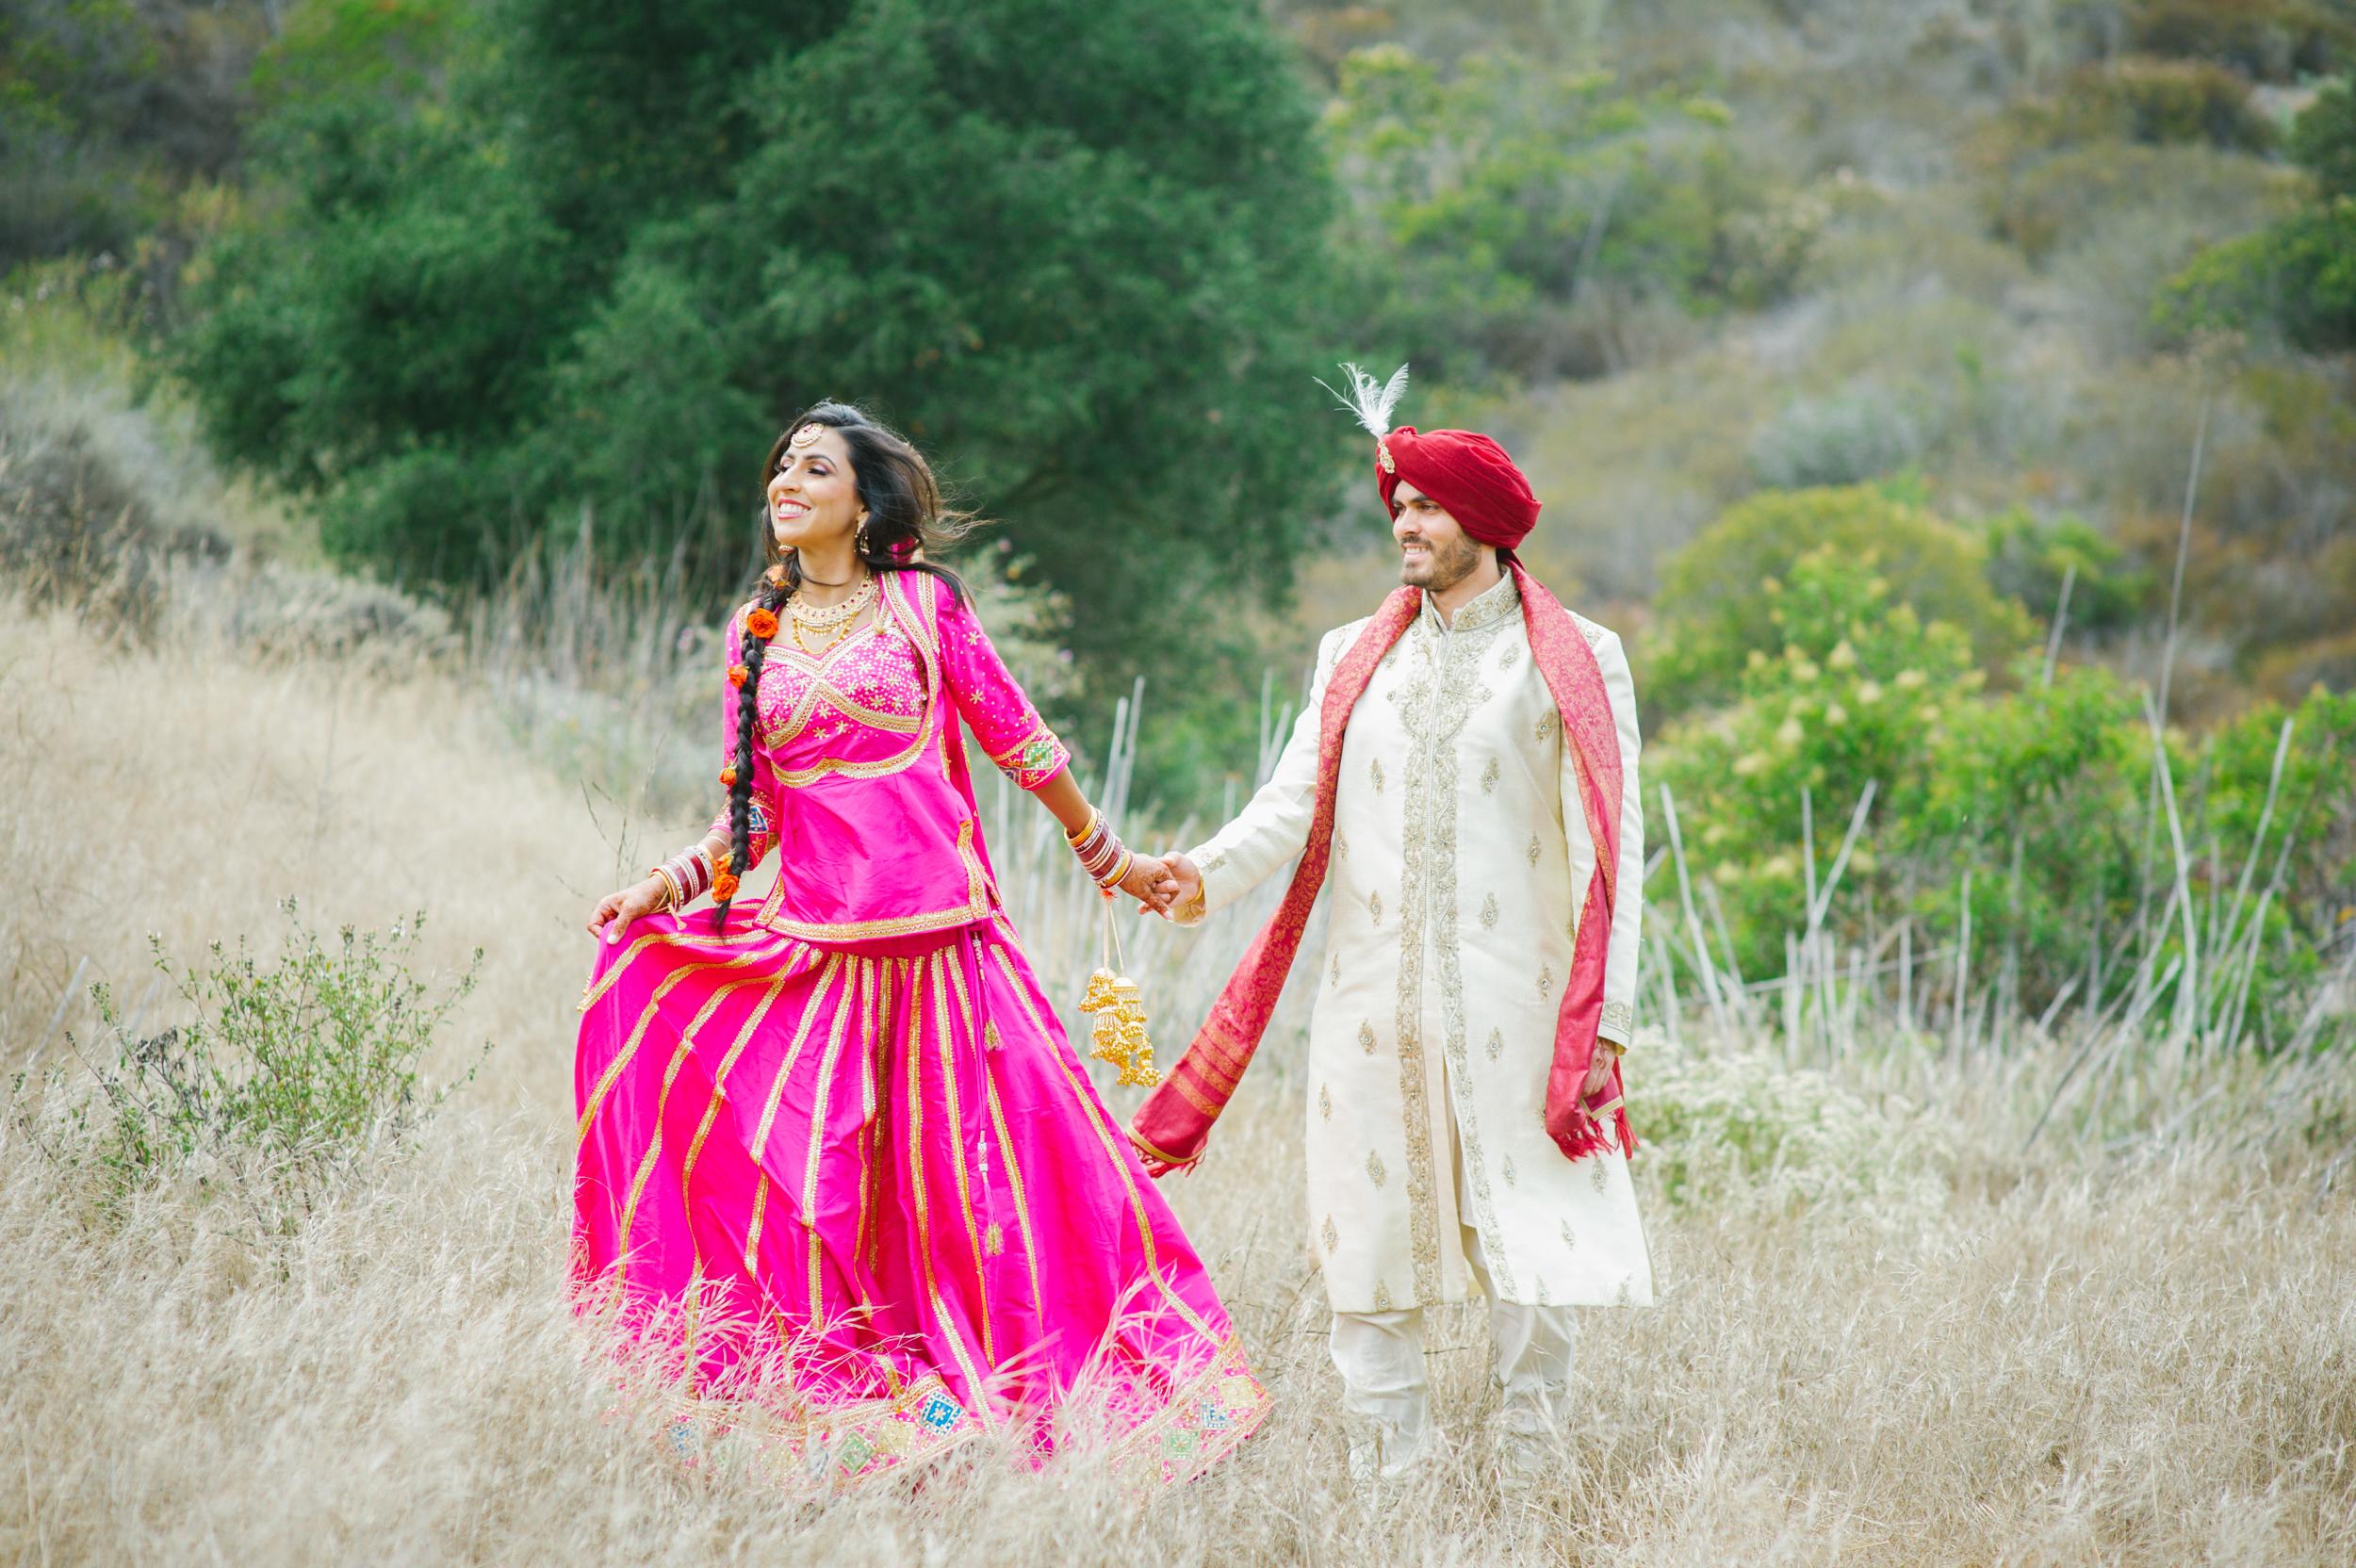 JKP_Indian_Weddings_0124.JPG